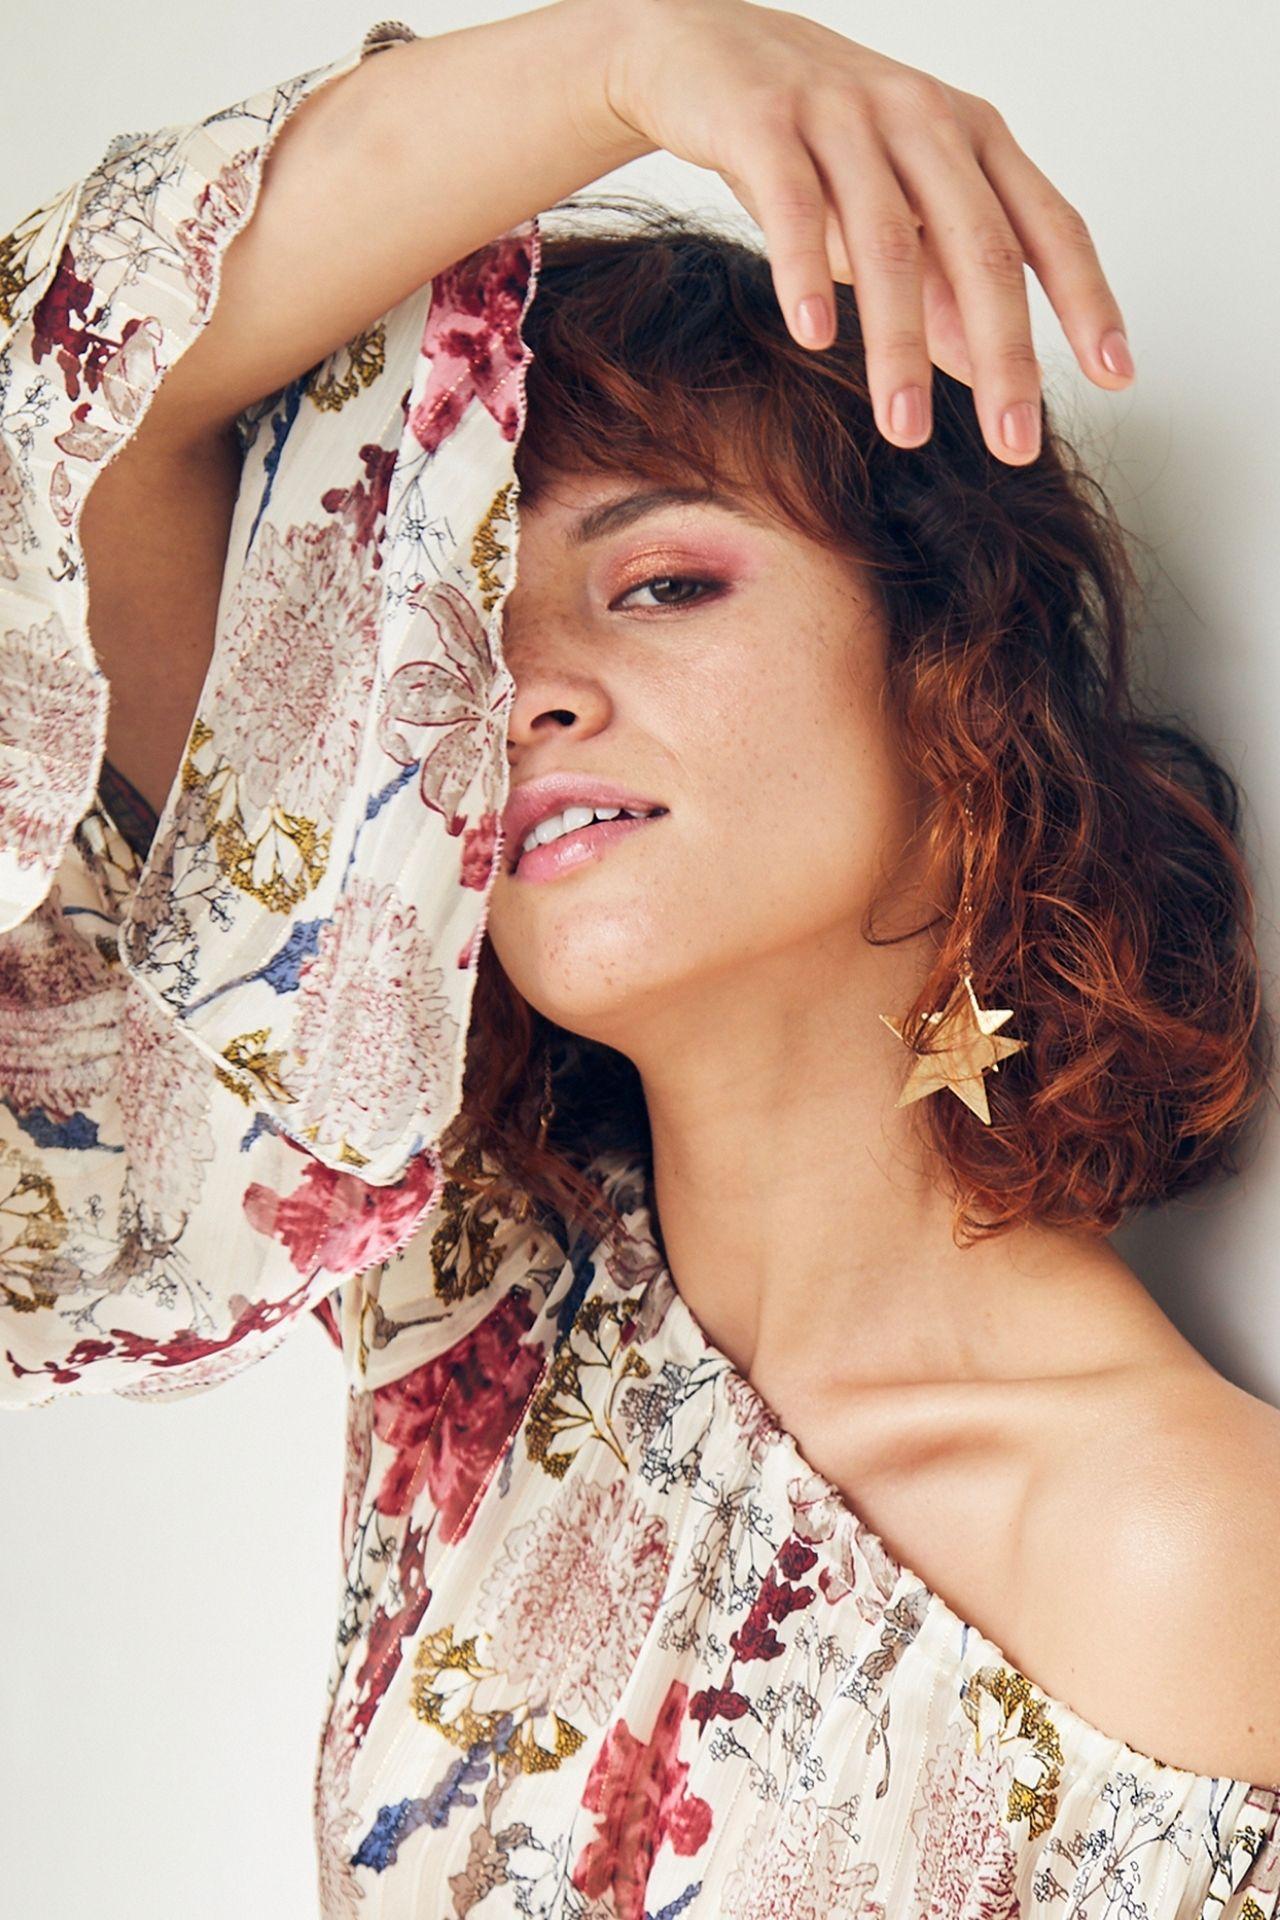 Blusa off shoulder en gasa semi transparente estampado floral y mangas campana.  Detalles Sin forro Talla standard Made in Italy  Medidas:  Cintura: 60 cm  Largo: 58 cm